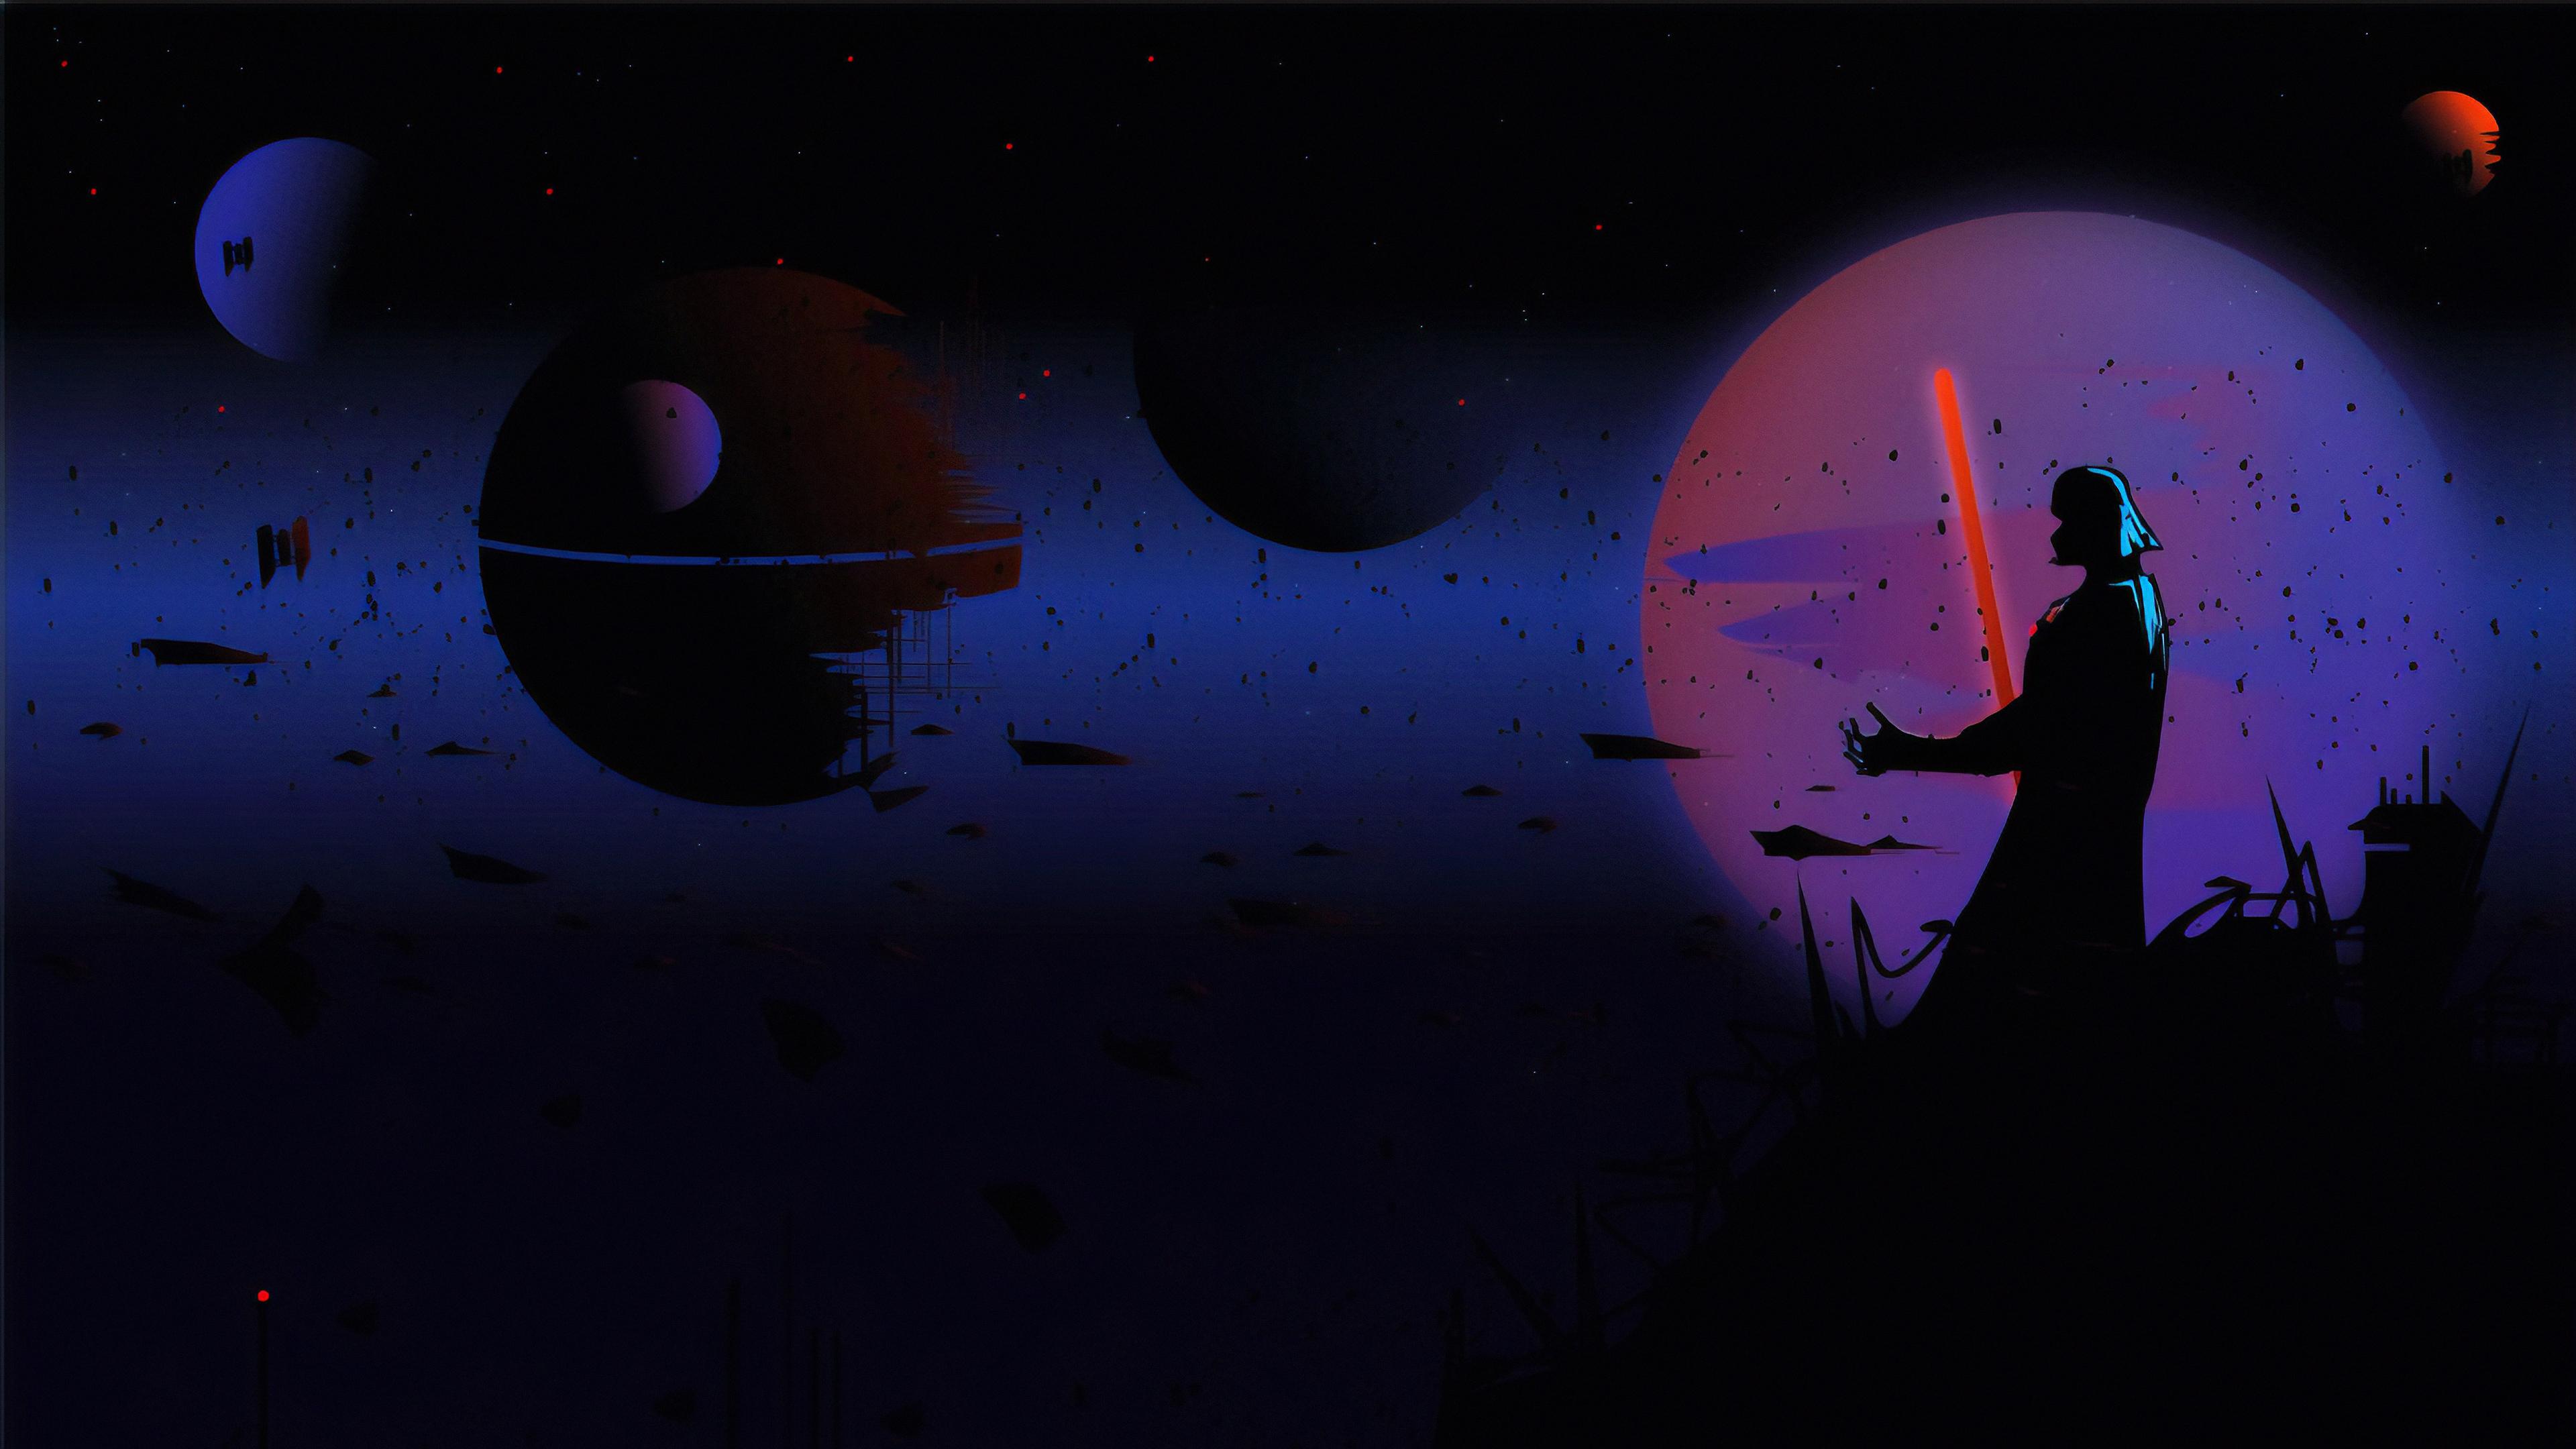 3840x2160 Darth Vader Digital Art 4k Wallpaper Hd Artist 4k